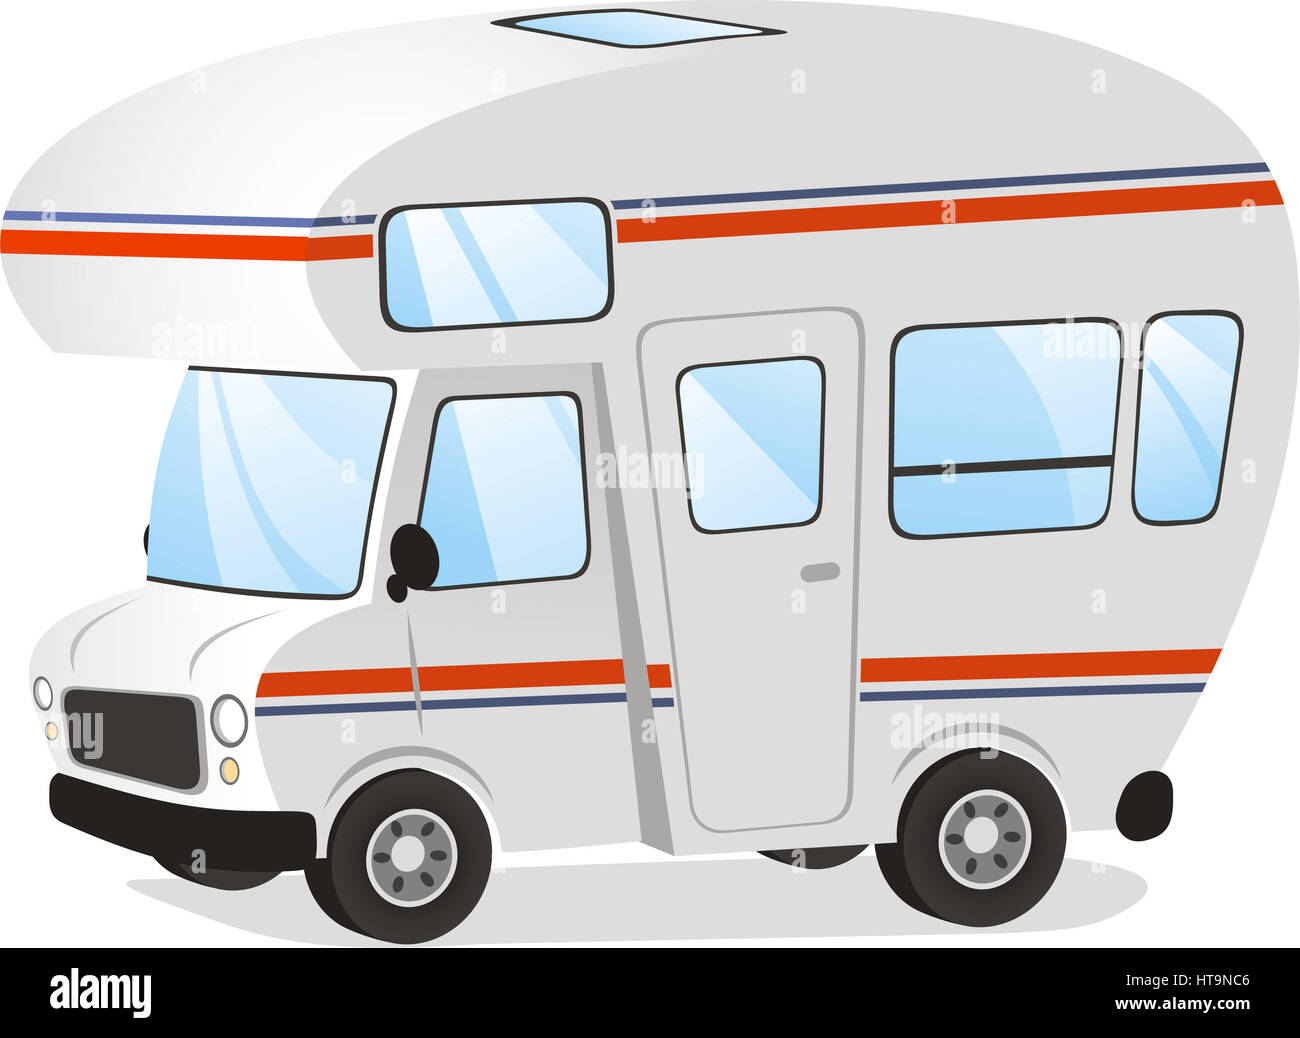 mobile home motorhome caravan trailer vehicle vector. Black Bedroom Furniture Sets. Home Design Ideas